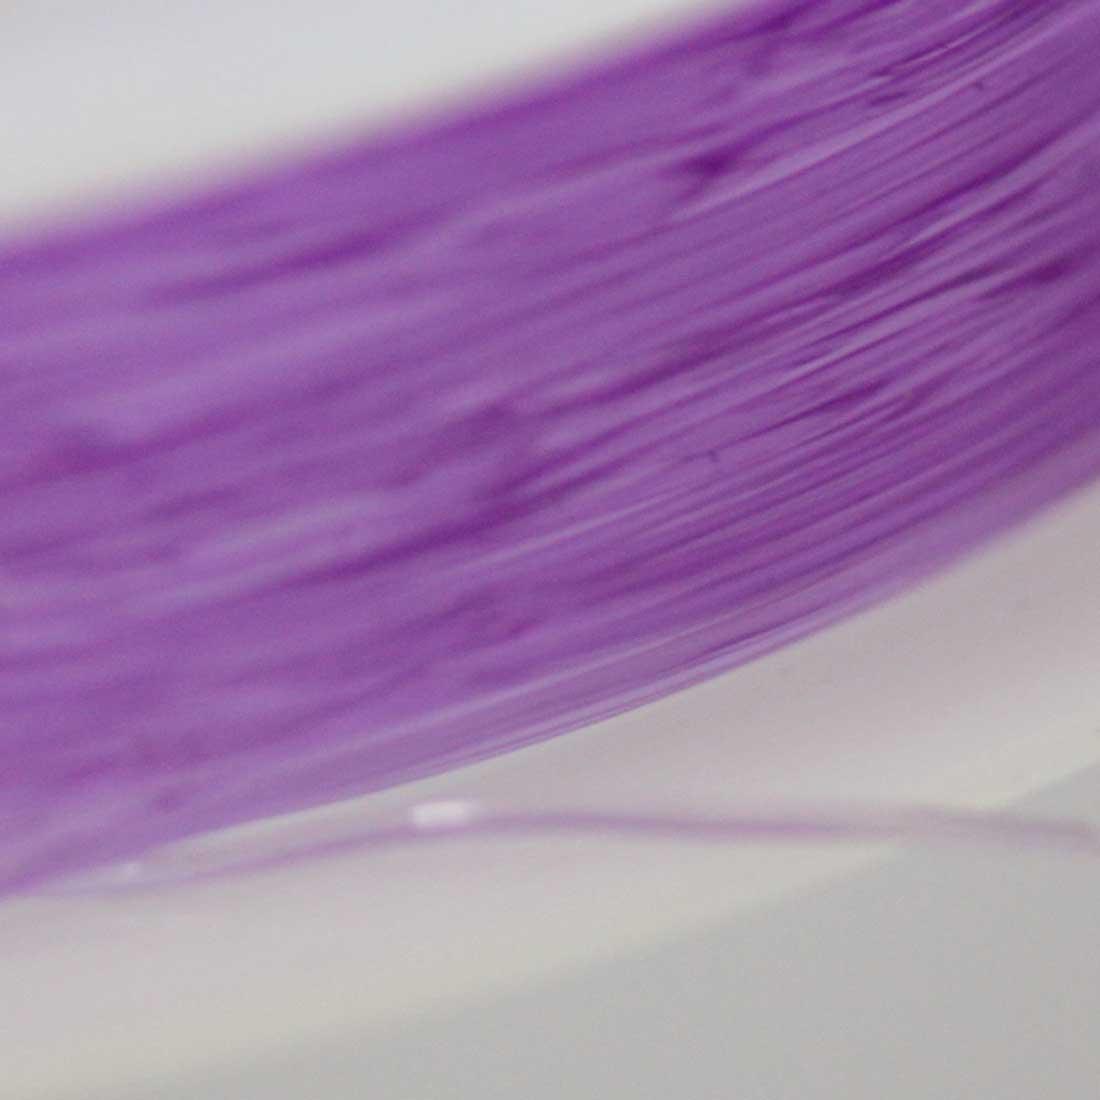 ブレスレット用 オペロンゴム 【0.5mm/12M】【パープル】sgy-1203c【メール便可】(ブレスレット用ゴム ゴム紐 ゴムひも テグス パワーストーン 天然石 ブレスレット 水晶の線 紫 紫色)